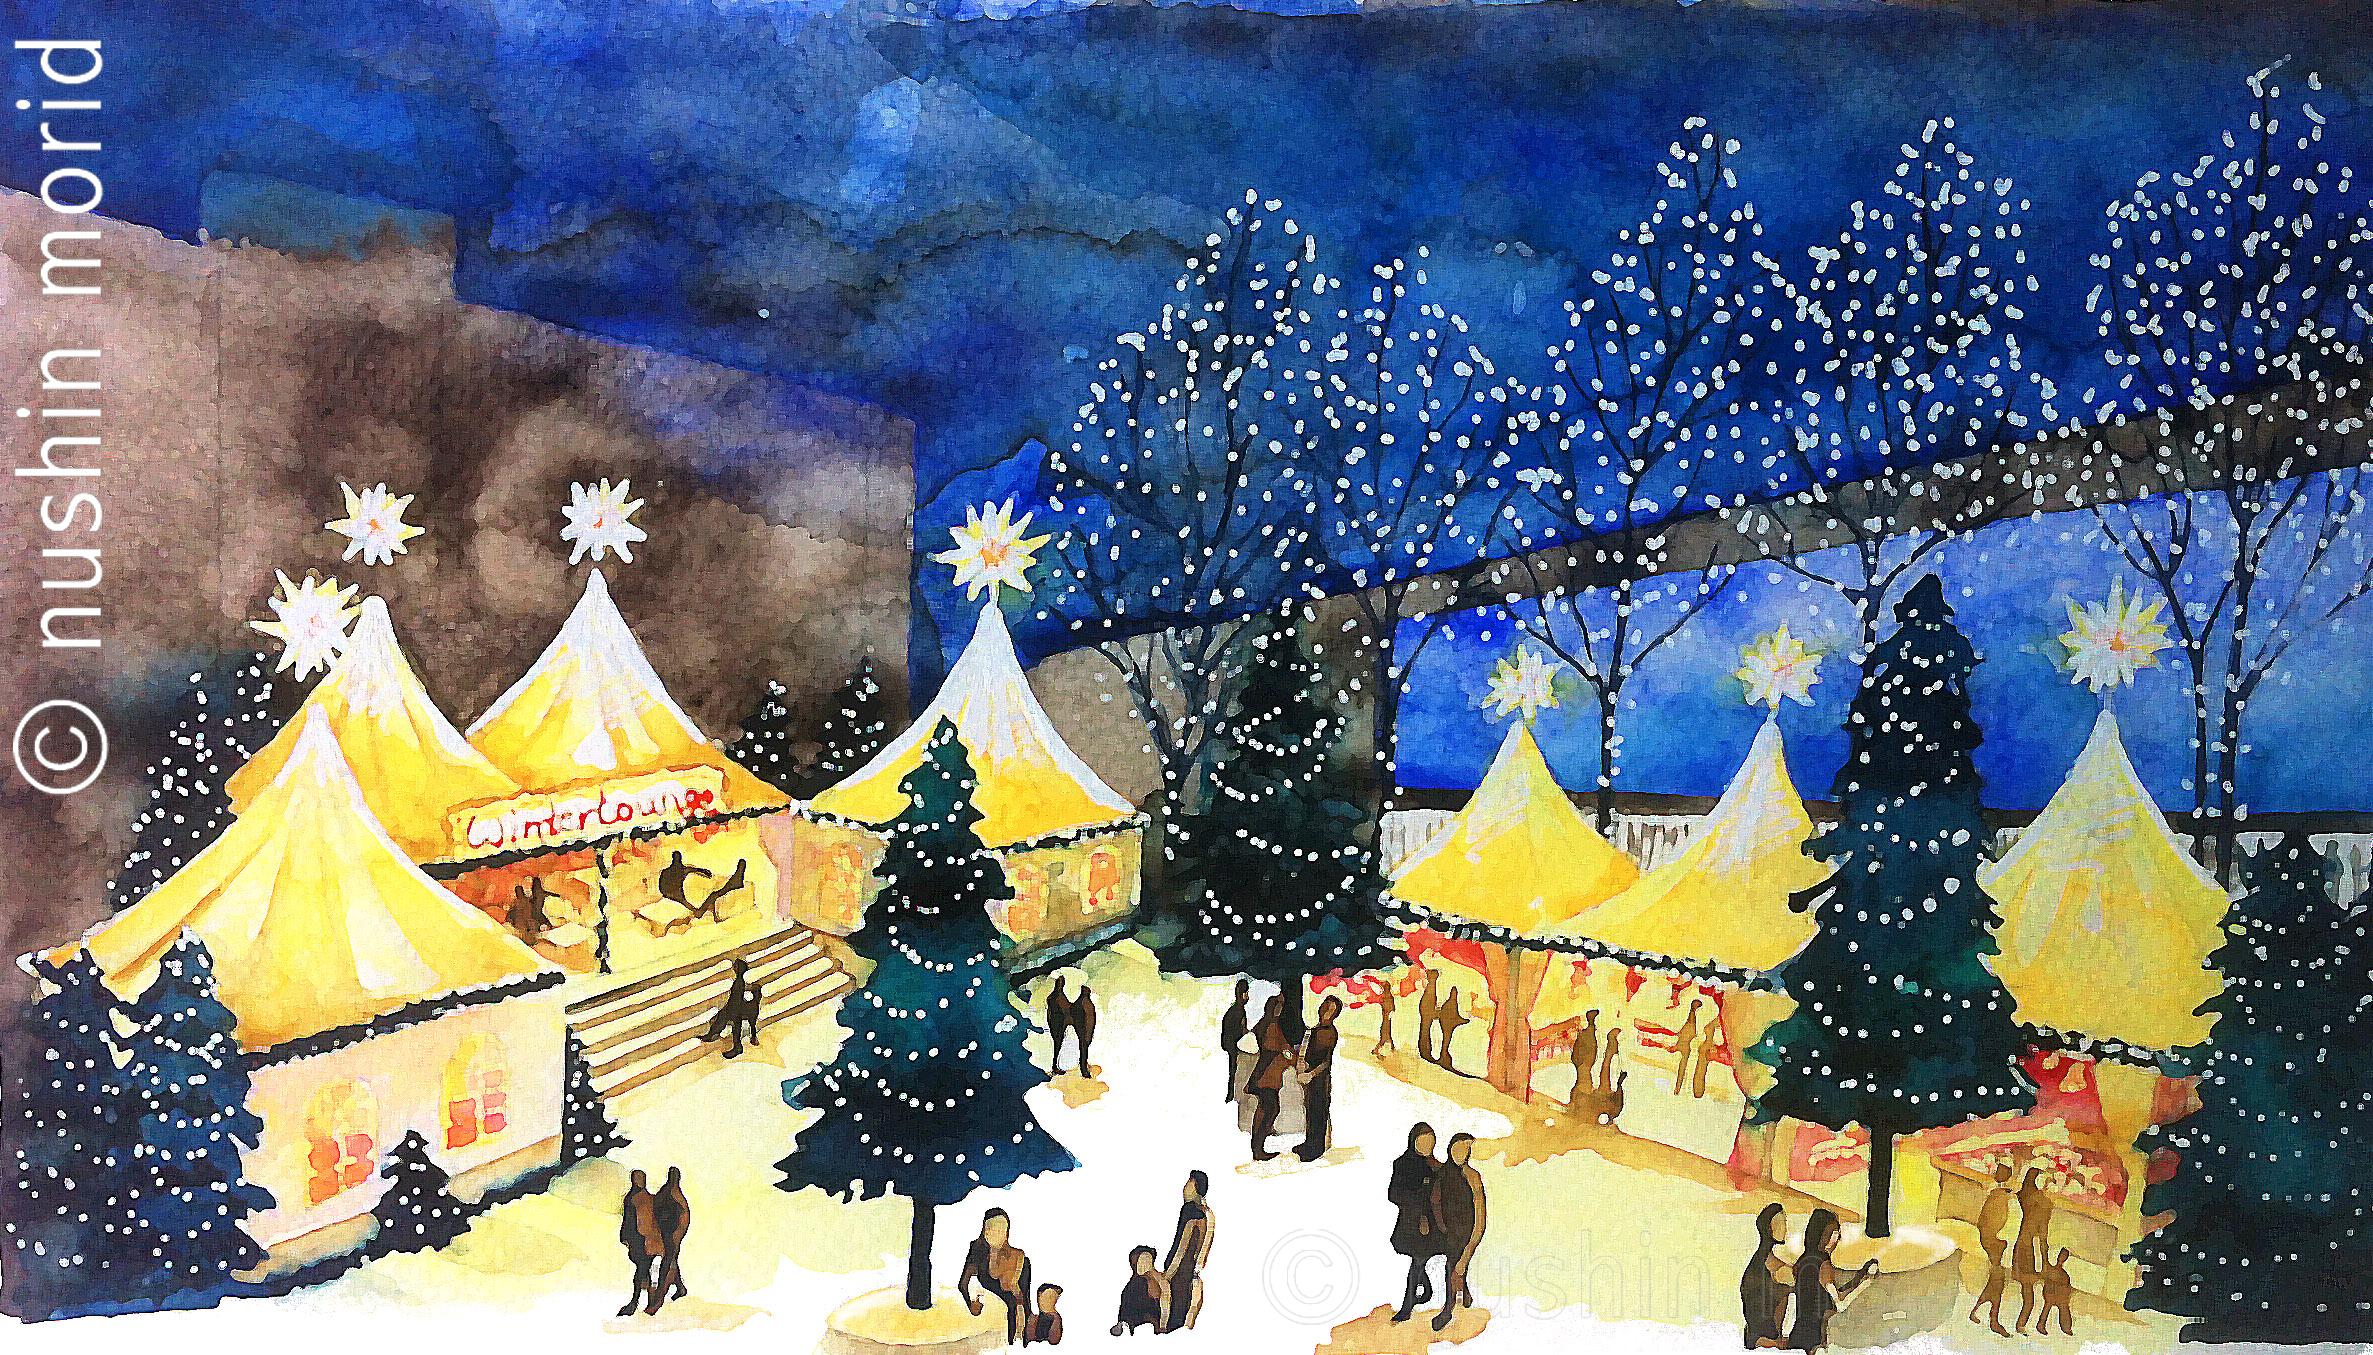 AEZ_Weihnachtsmarkt.jpg